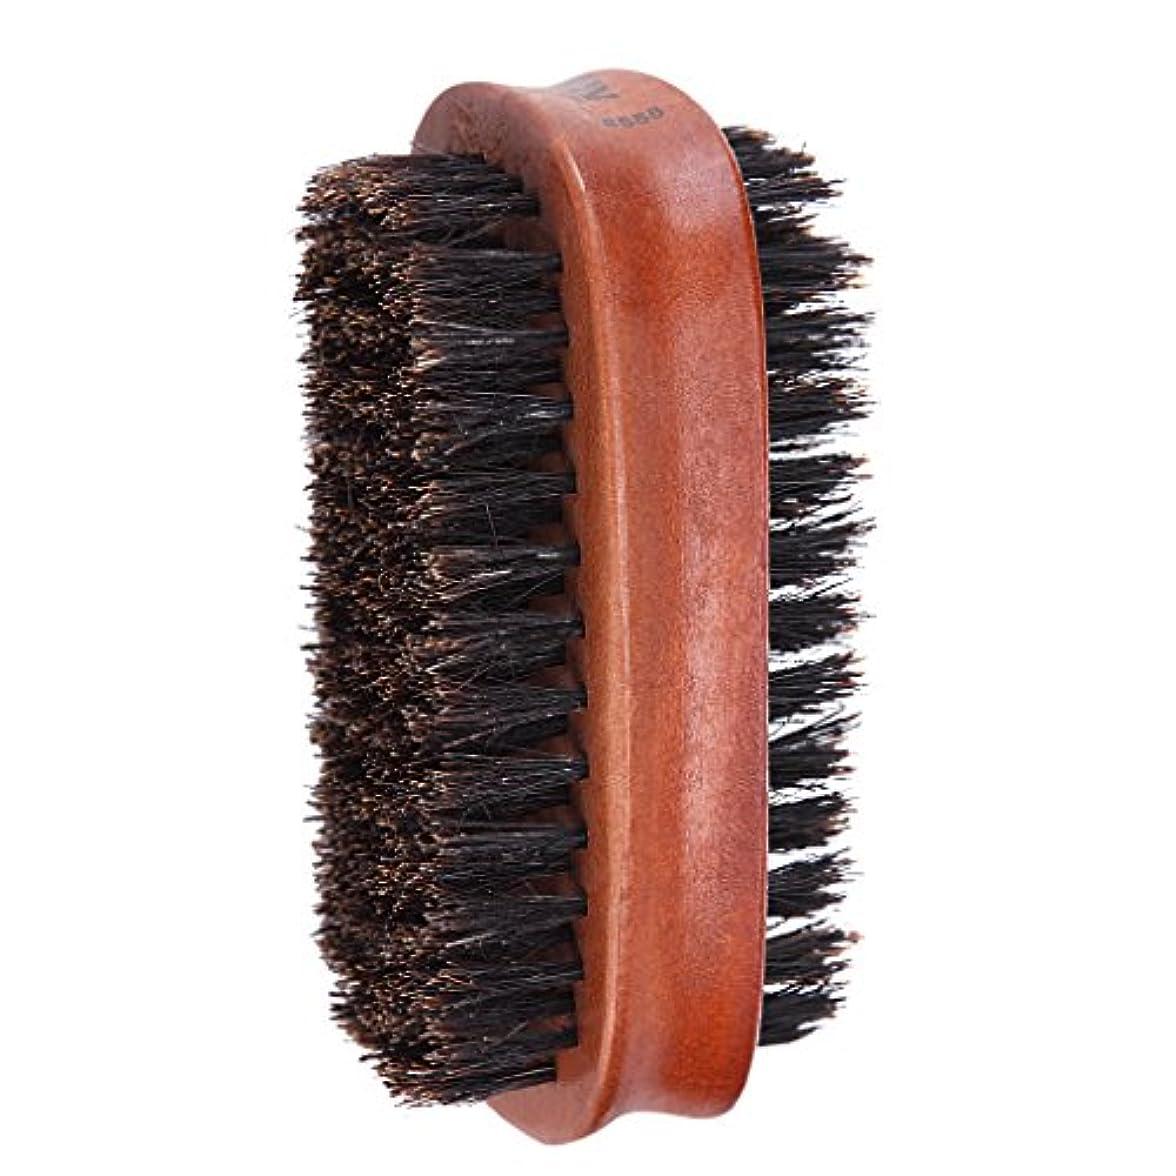 受粉する相互接続タイプライターToygogo ヘアブラシ 両面ブラシ 男性 髭 口ひげ グルーミングブラシ ブリストルブラシ